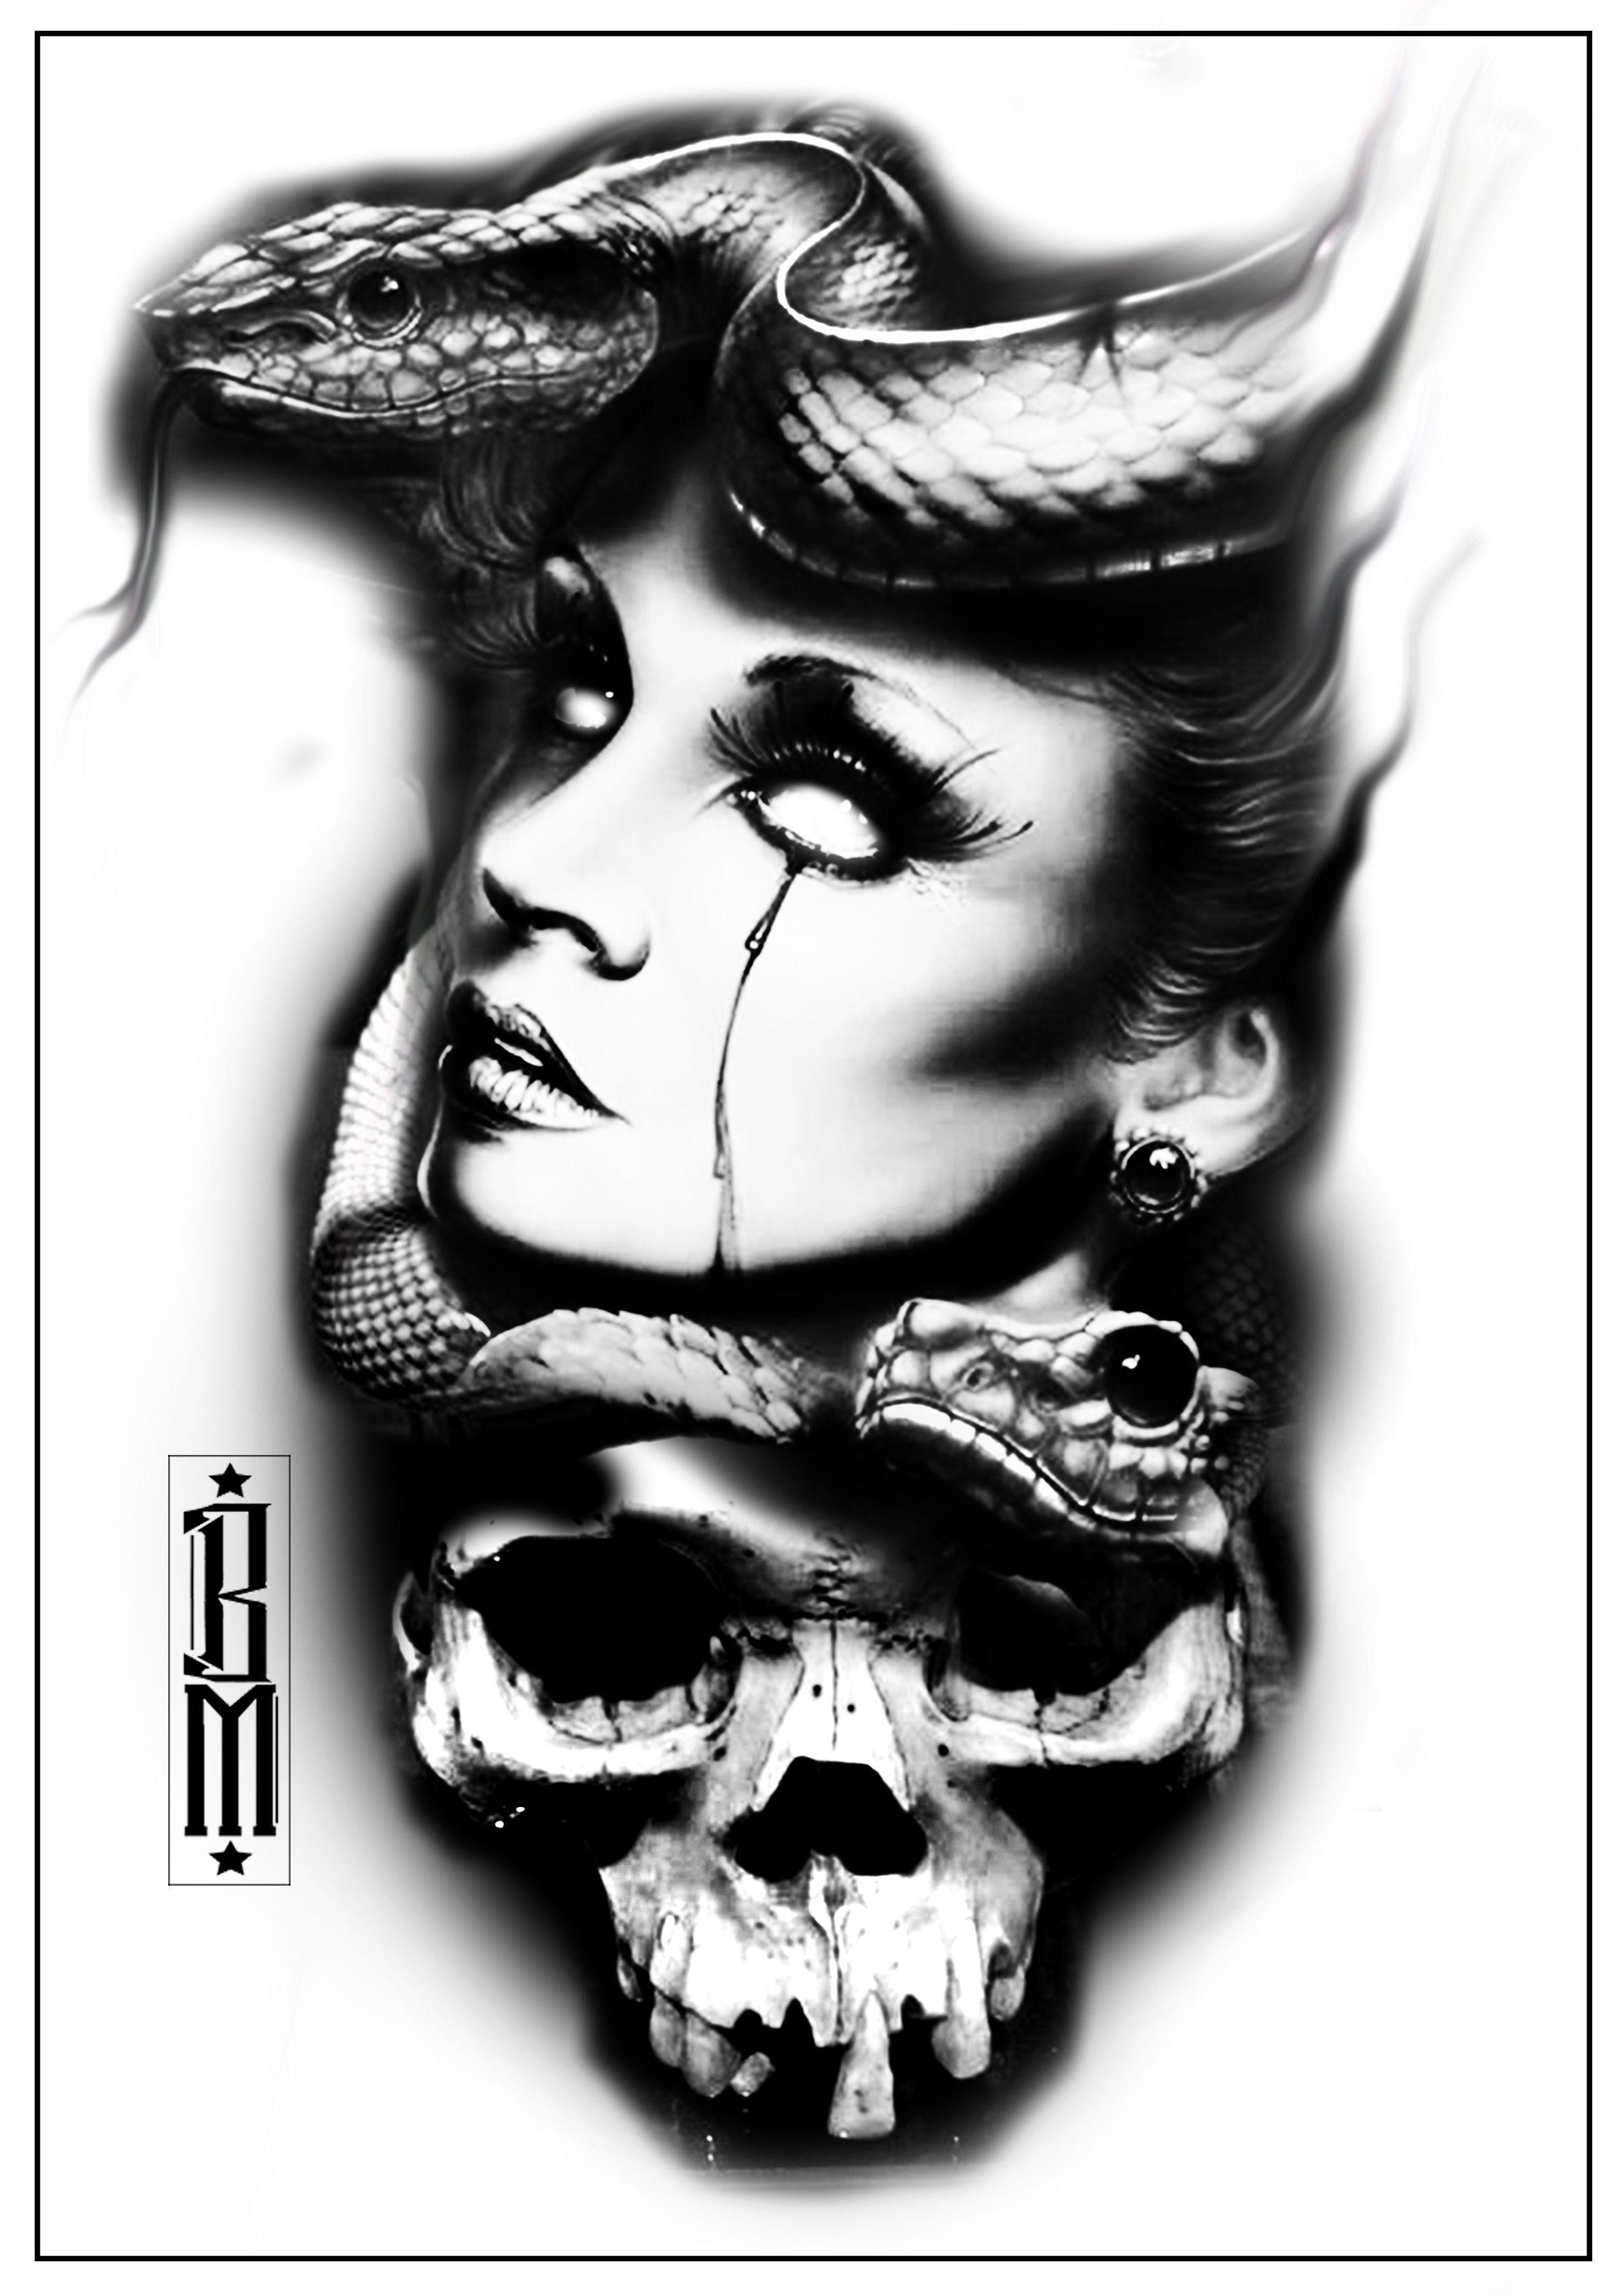 skull snake face medusa scarry face women black and grey